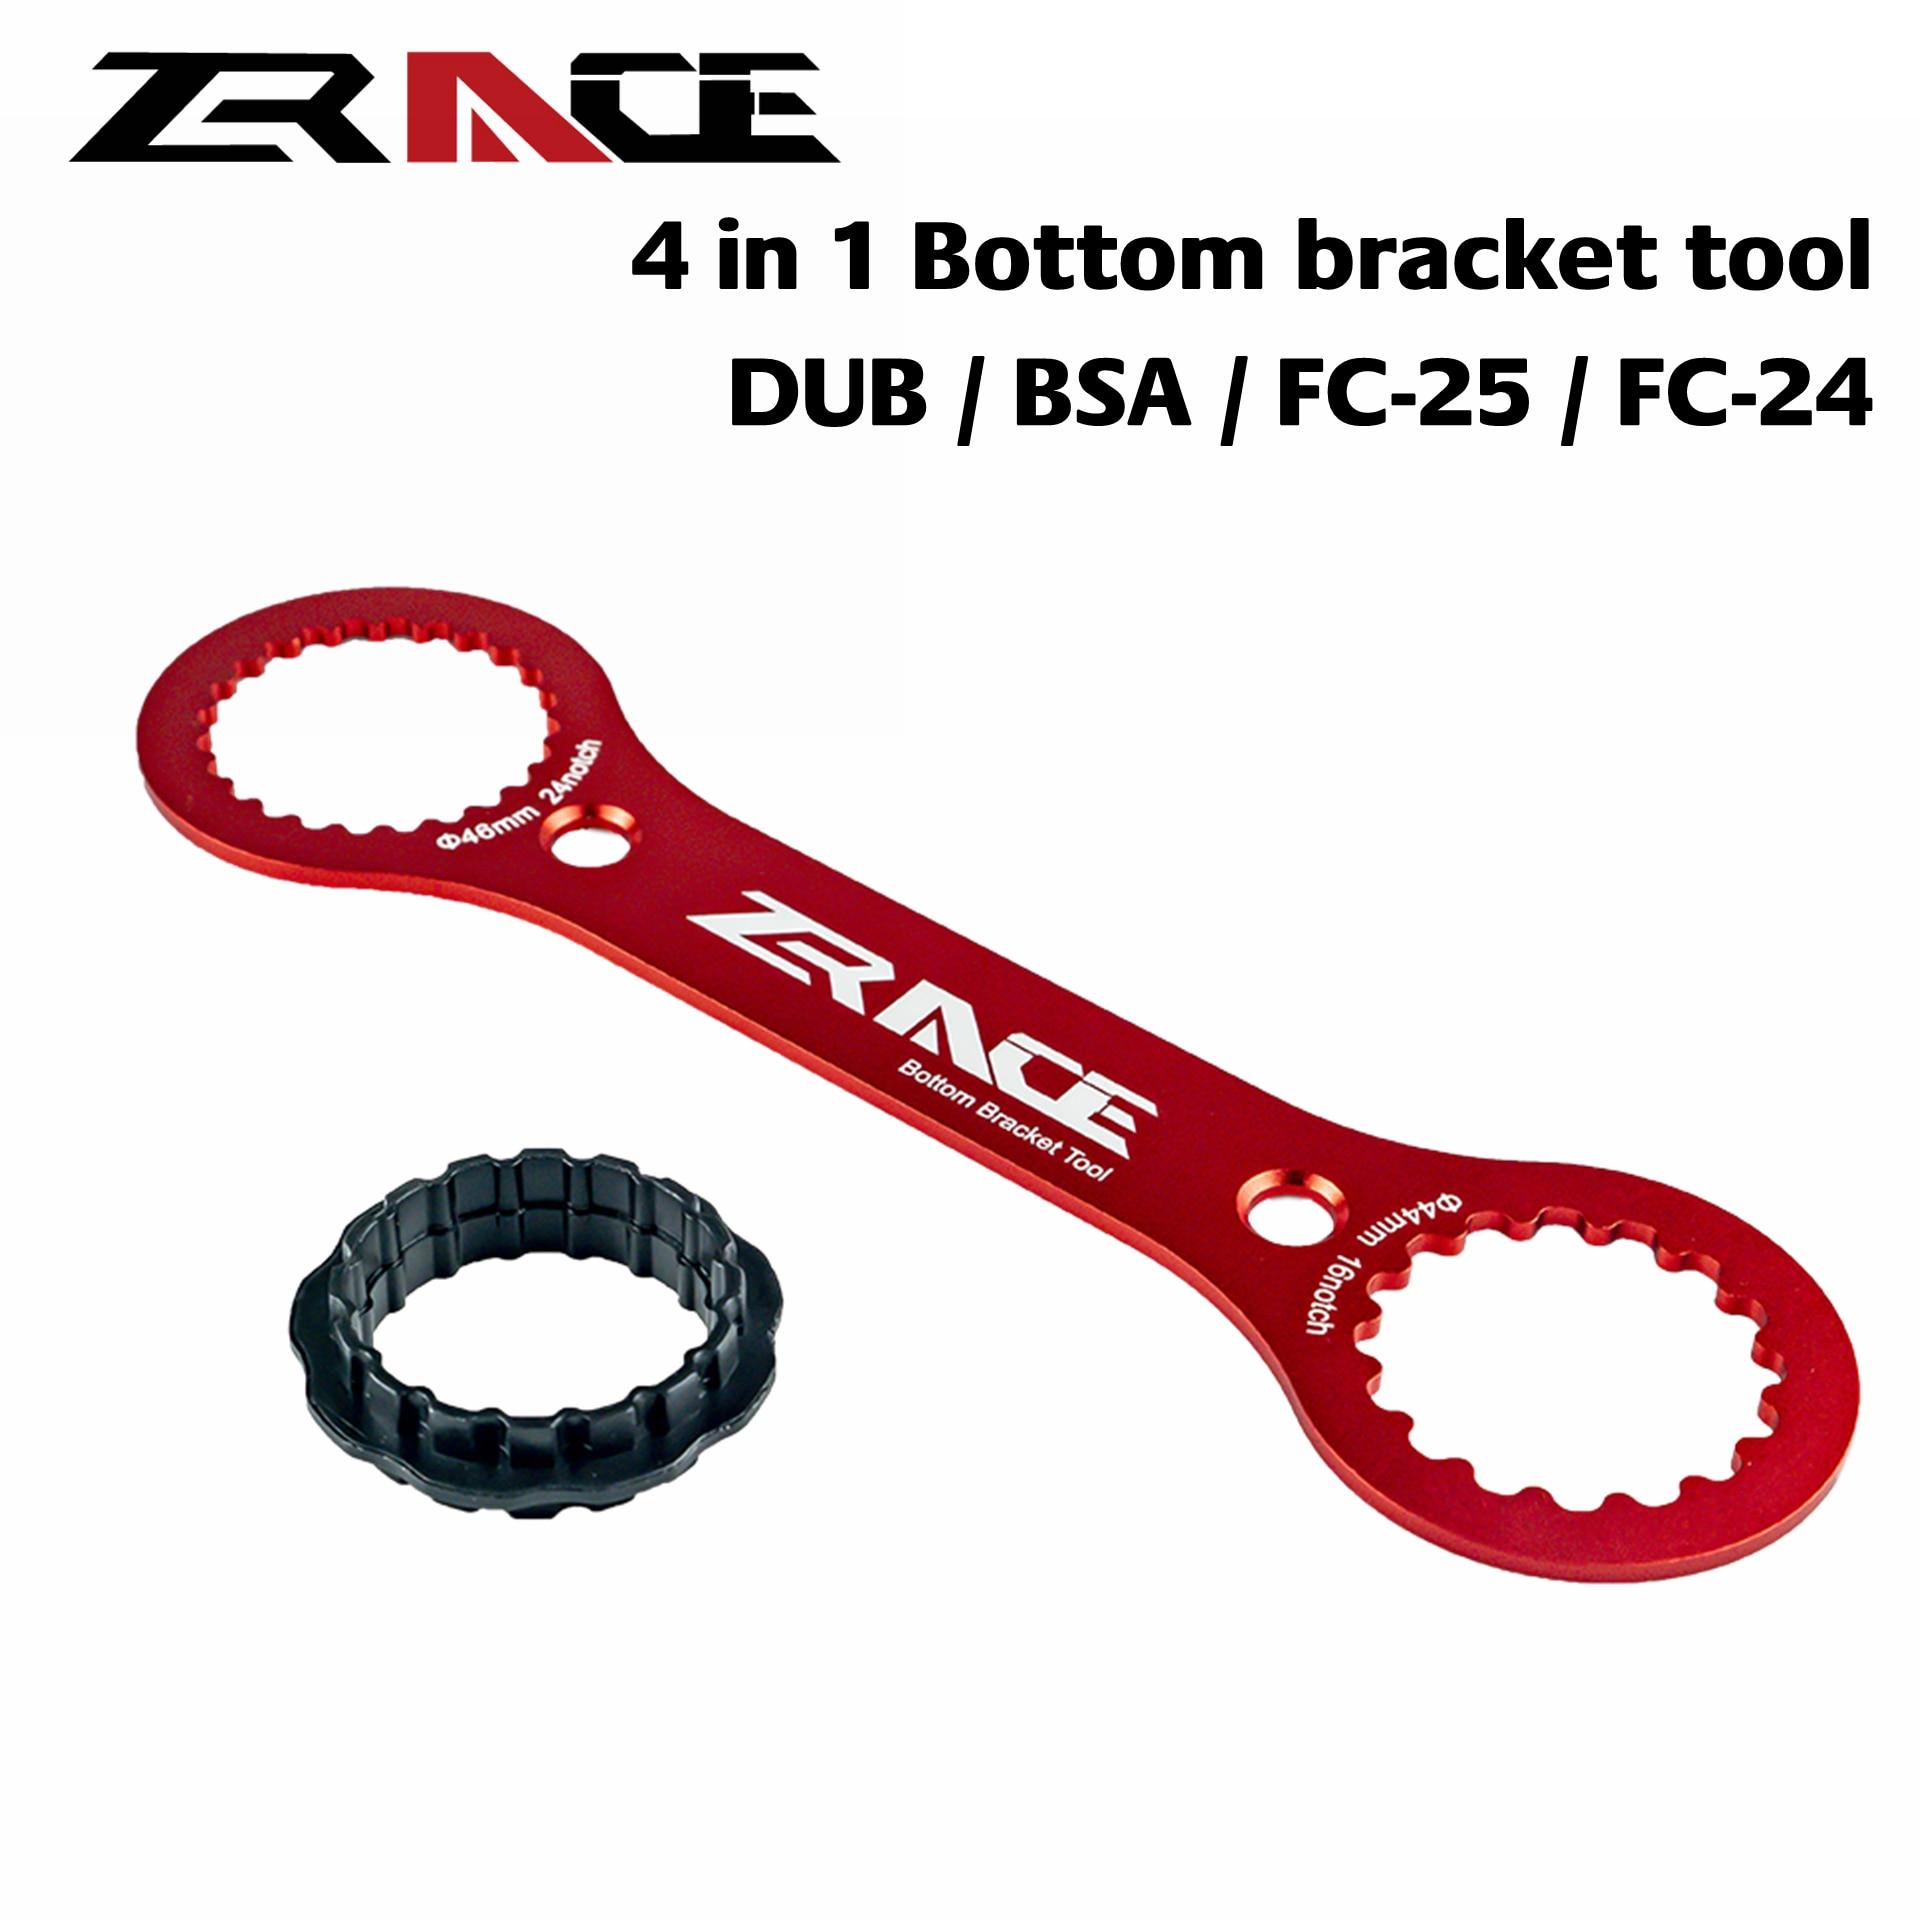 ZRACE 4 in 1 Strumento Chiave Movimento Centrale, Compatibile con SRAM DUB, SHIMANO BSA / FC 25 / FC 24, CNC AL7075 DUB BSA STRUMENTI